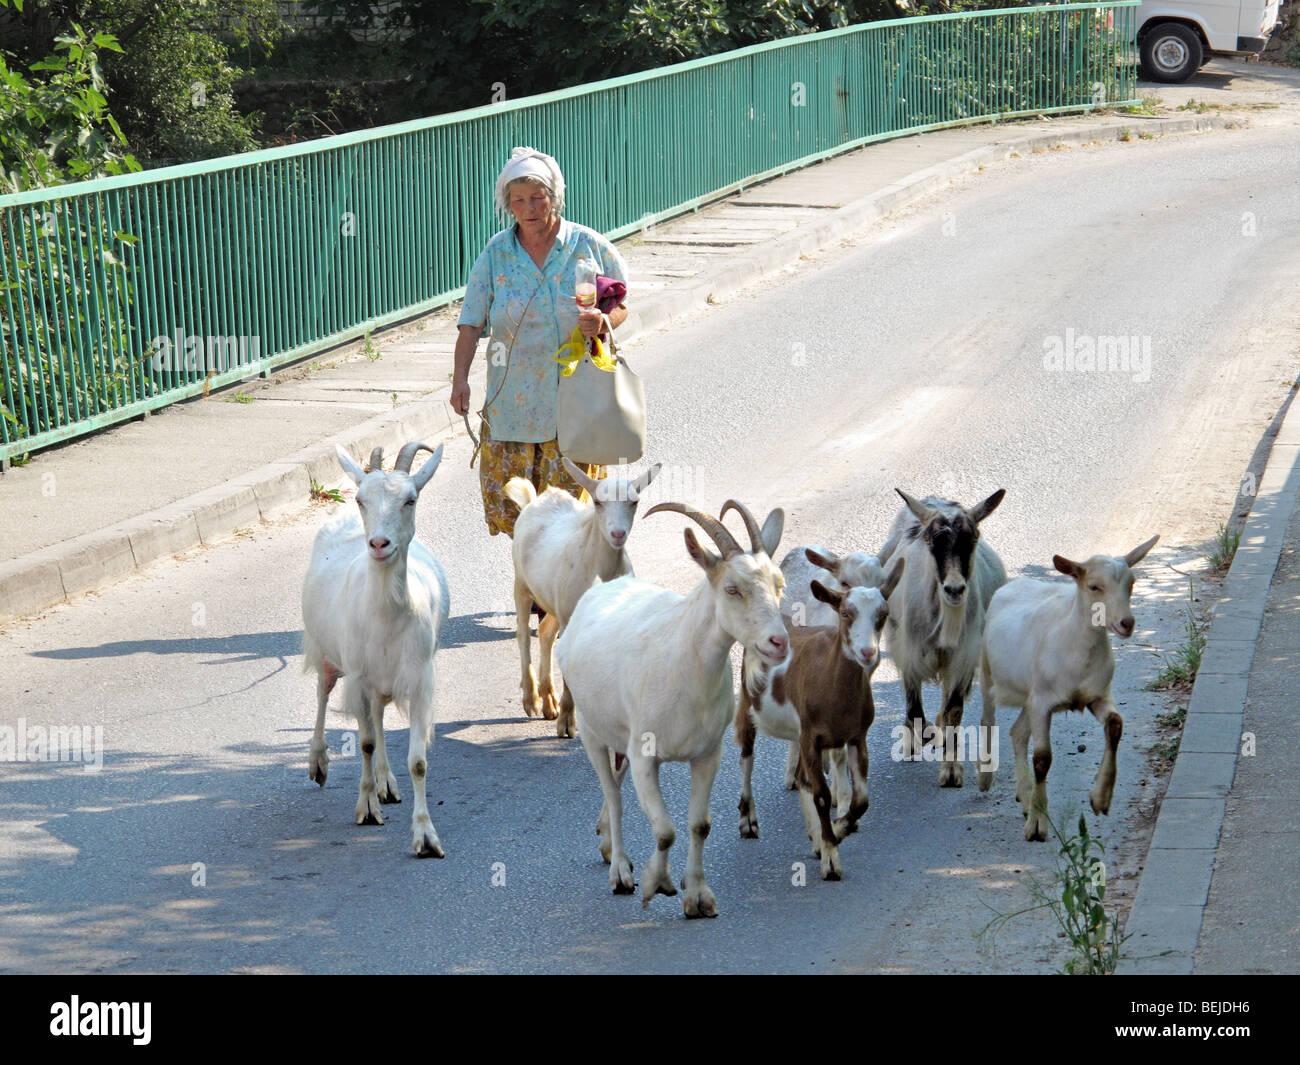 Vecchia donna herder attraversa un ponte con le sue capre. Immagini Stock